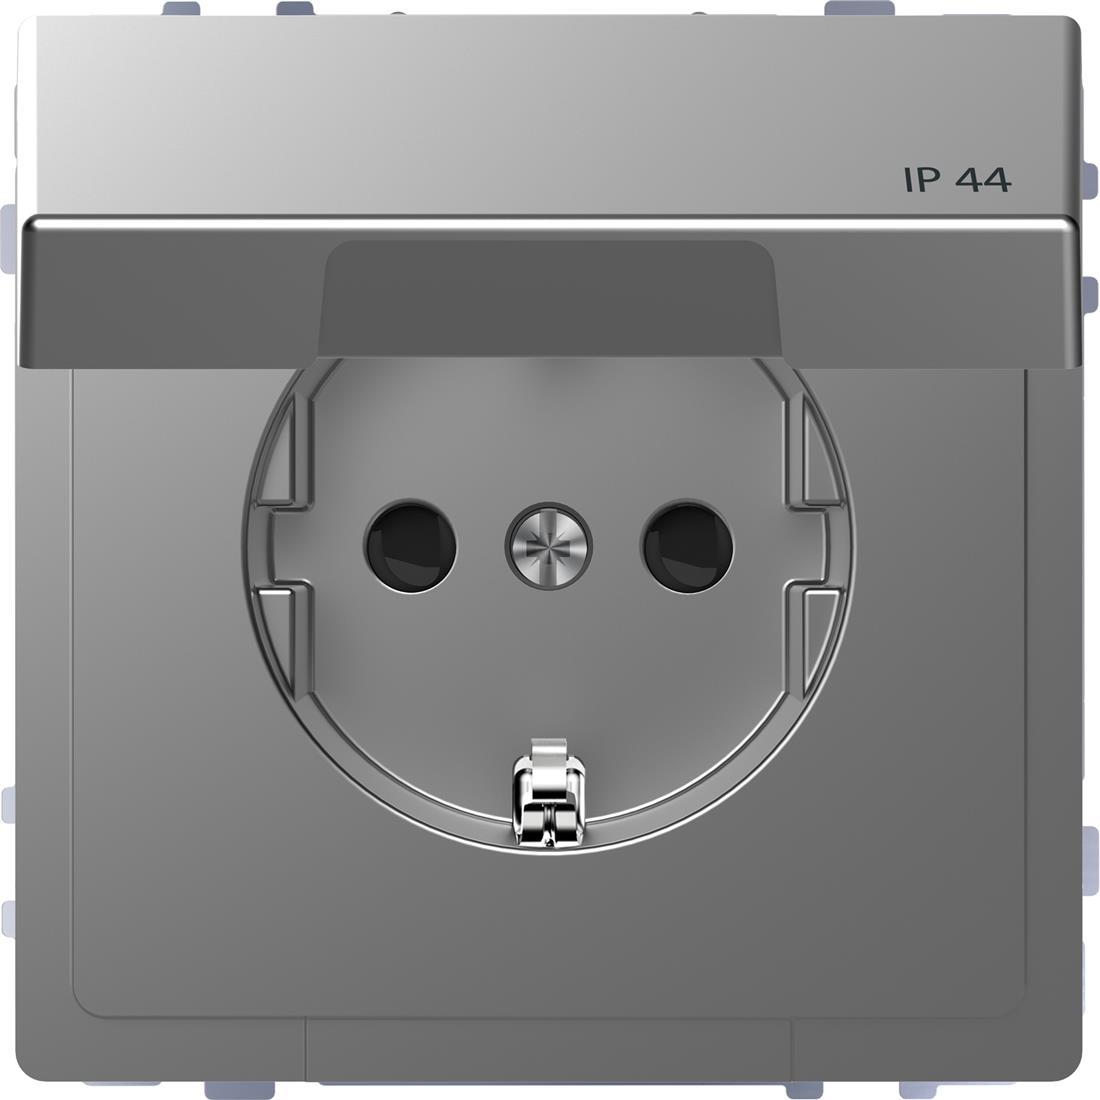 Schneider-Merten D Life wandcontactdoos met klapdeksel voor IP44 met kinderbeveiliging - RVS look (MTN2314-6036)